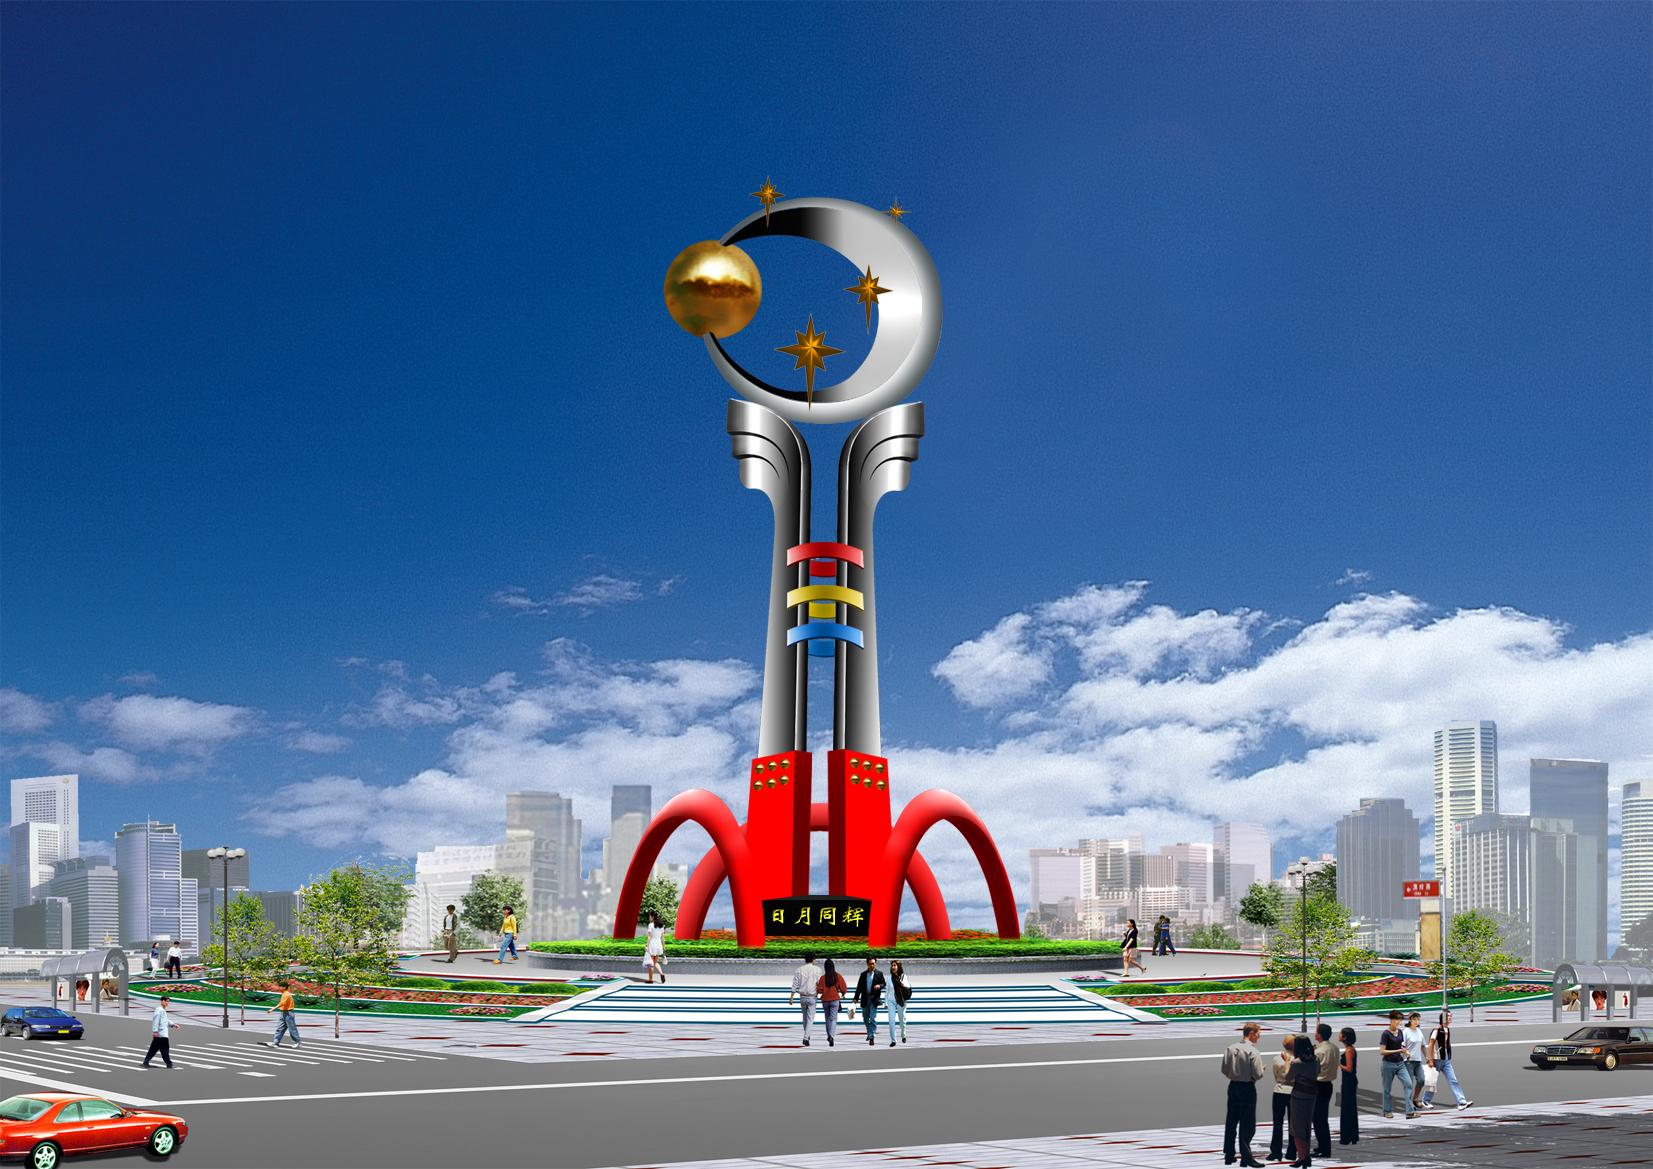 广场雕塑手绘效果图 某大学一角景观雕塑效果图